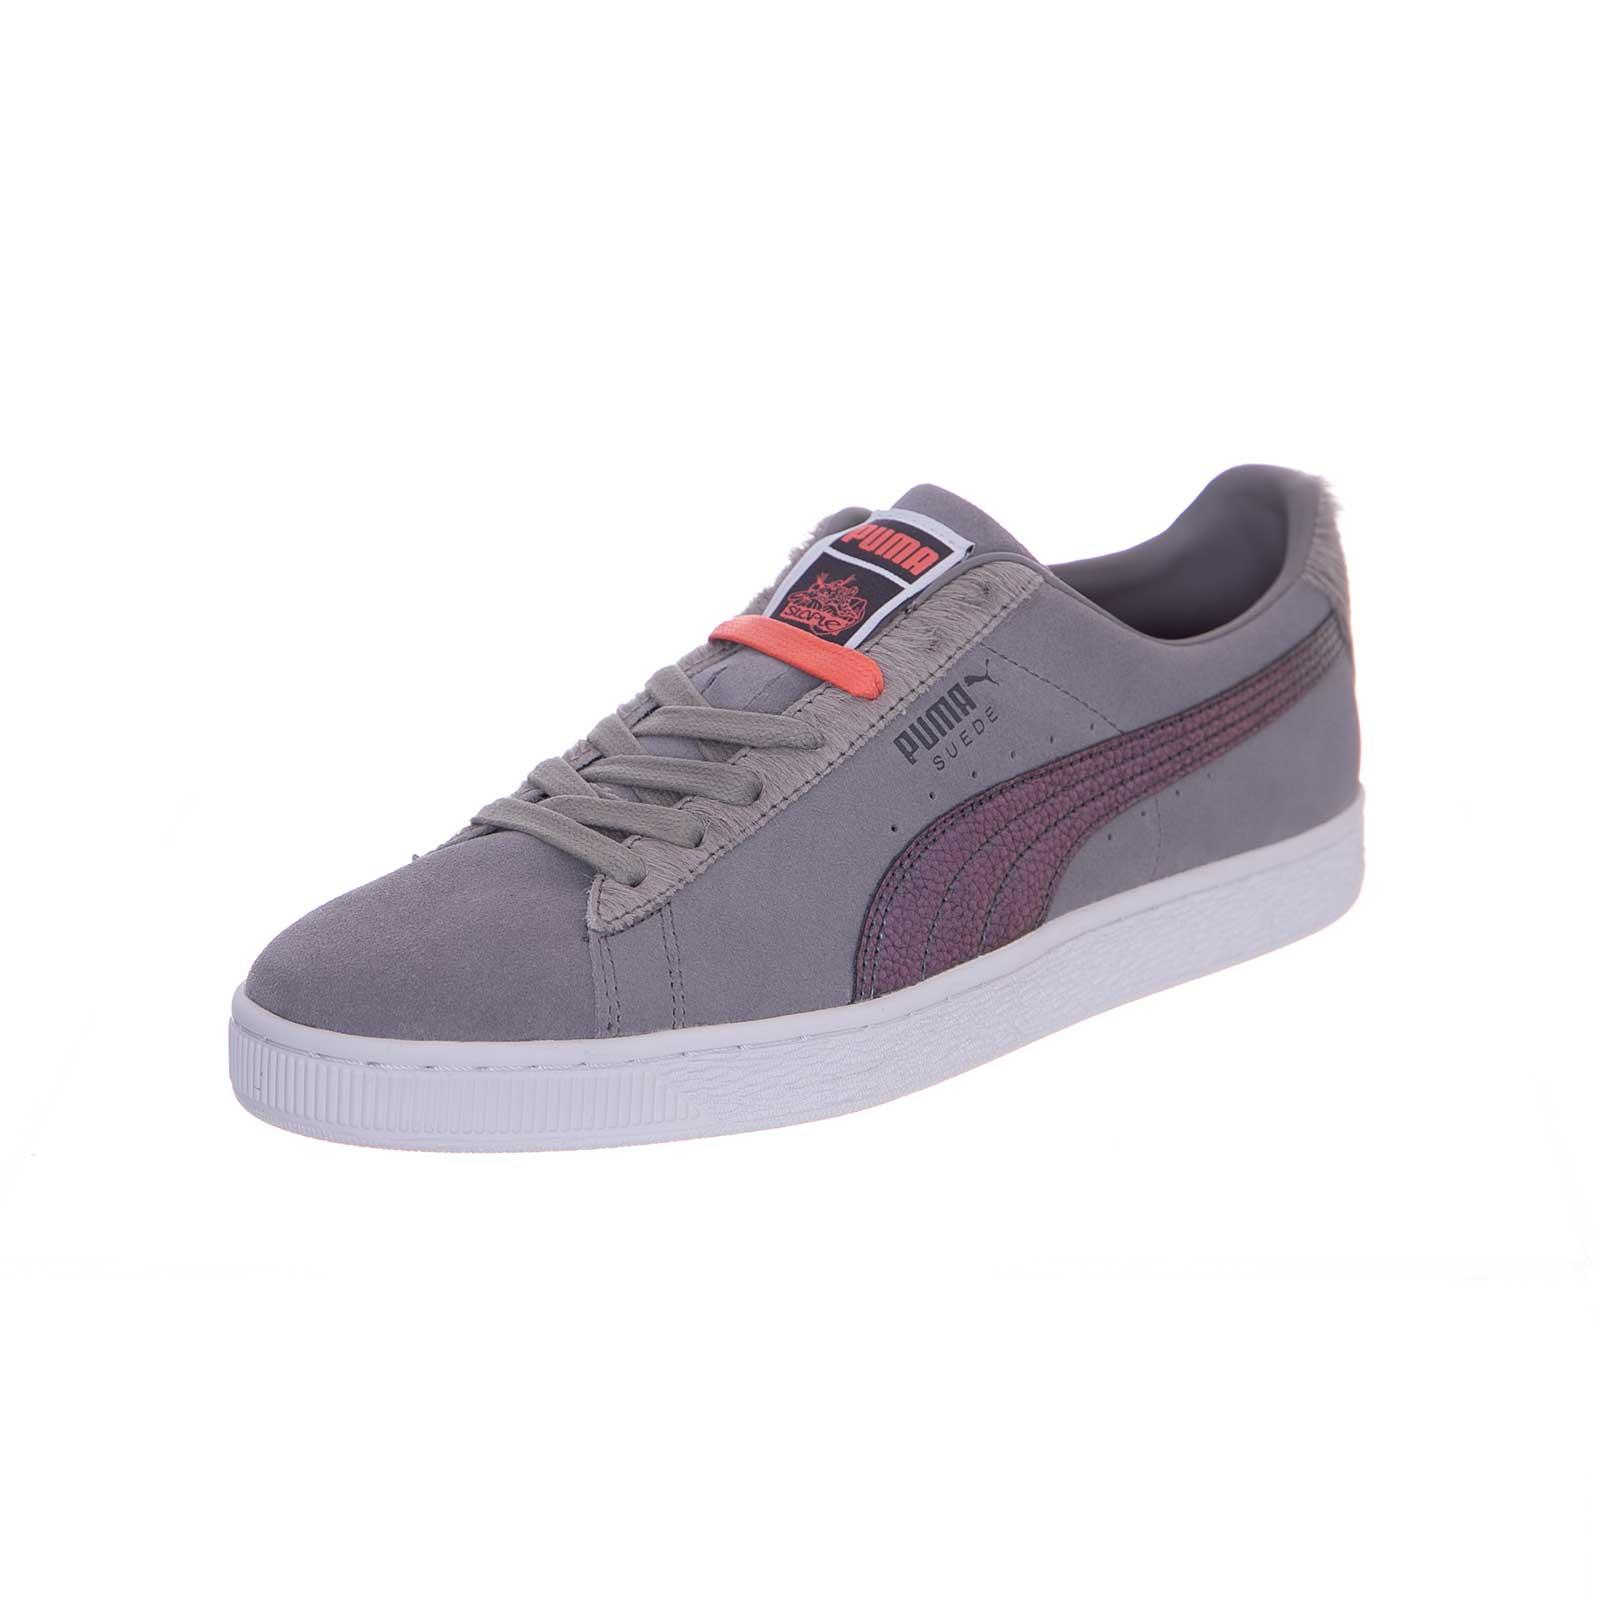 d31f12cf0a49 Puma Sneakers Puma X Staple Pigeon Suede Classic Grey